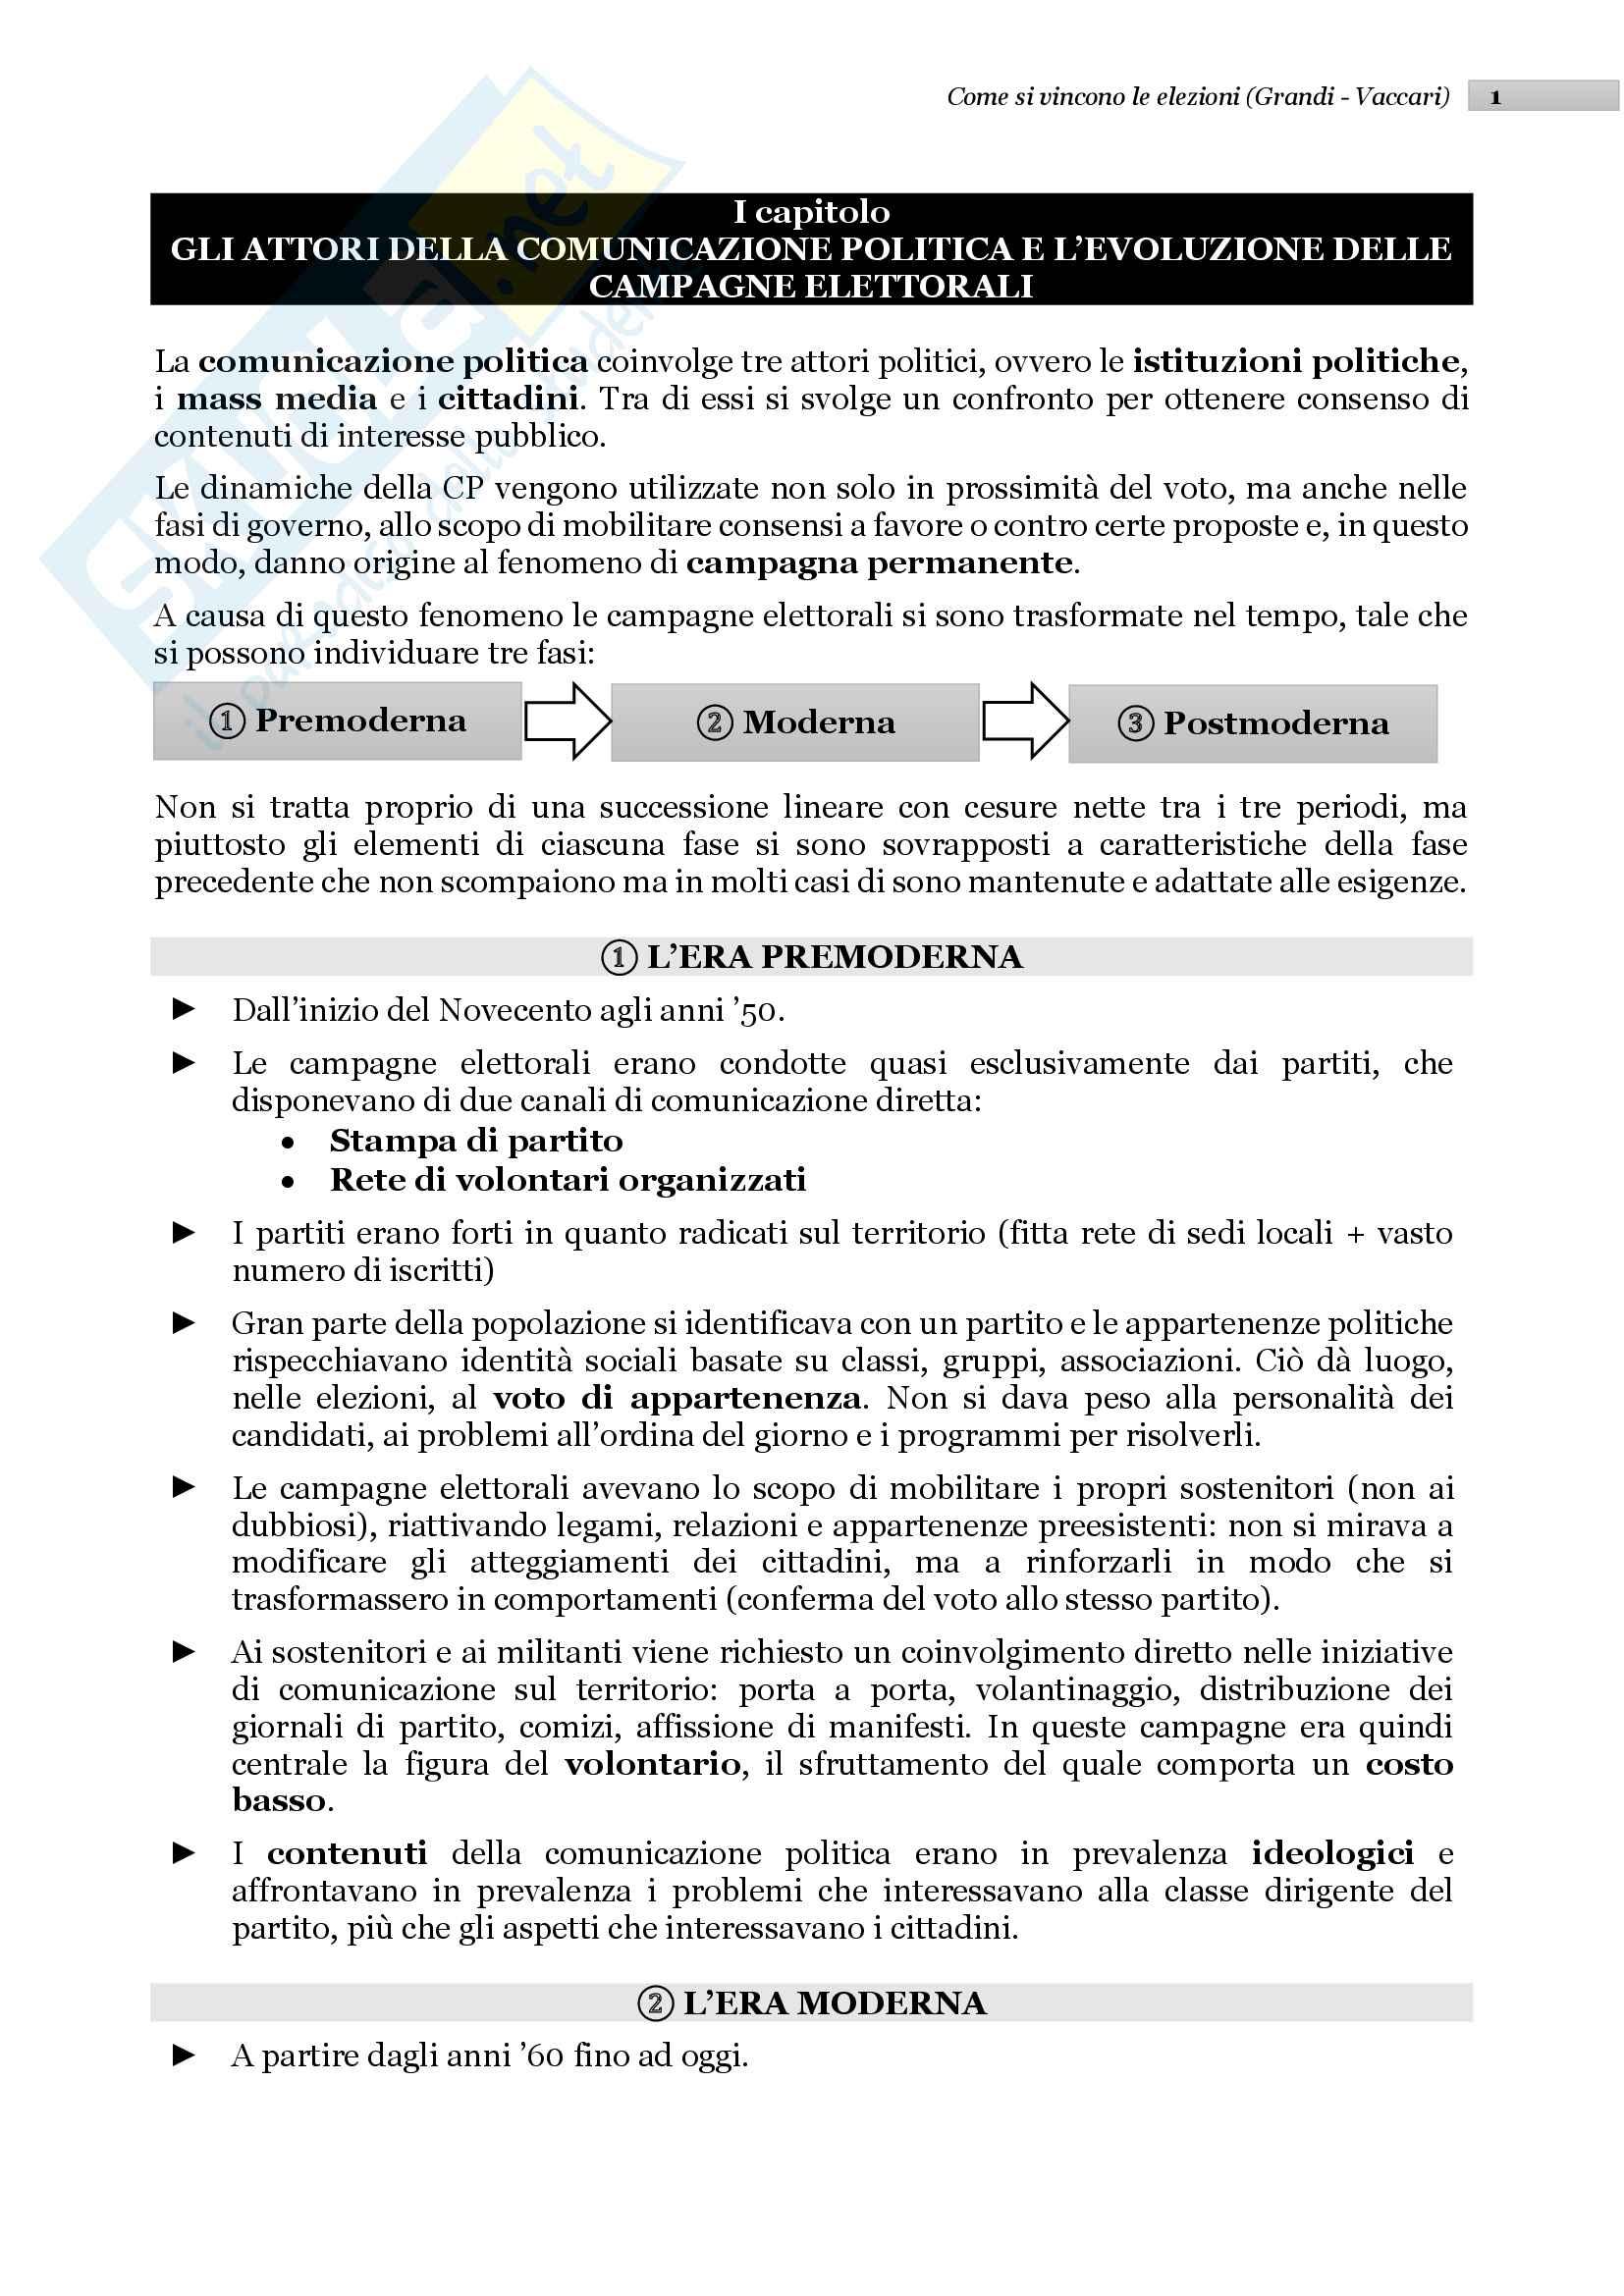 """Riassunto esame Comunicazione Politica, prof. Grandi, libro consigliato """"Come si vincono le elezioni"""", Grandi e Vaccari"""